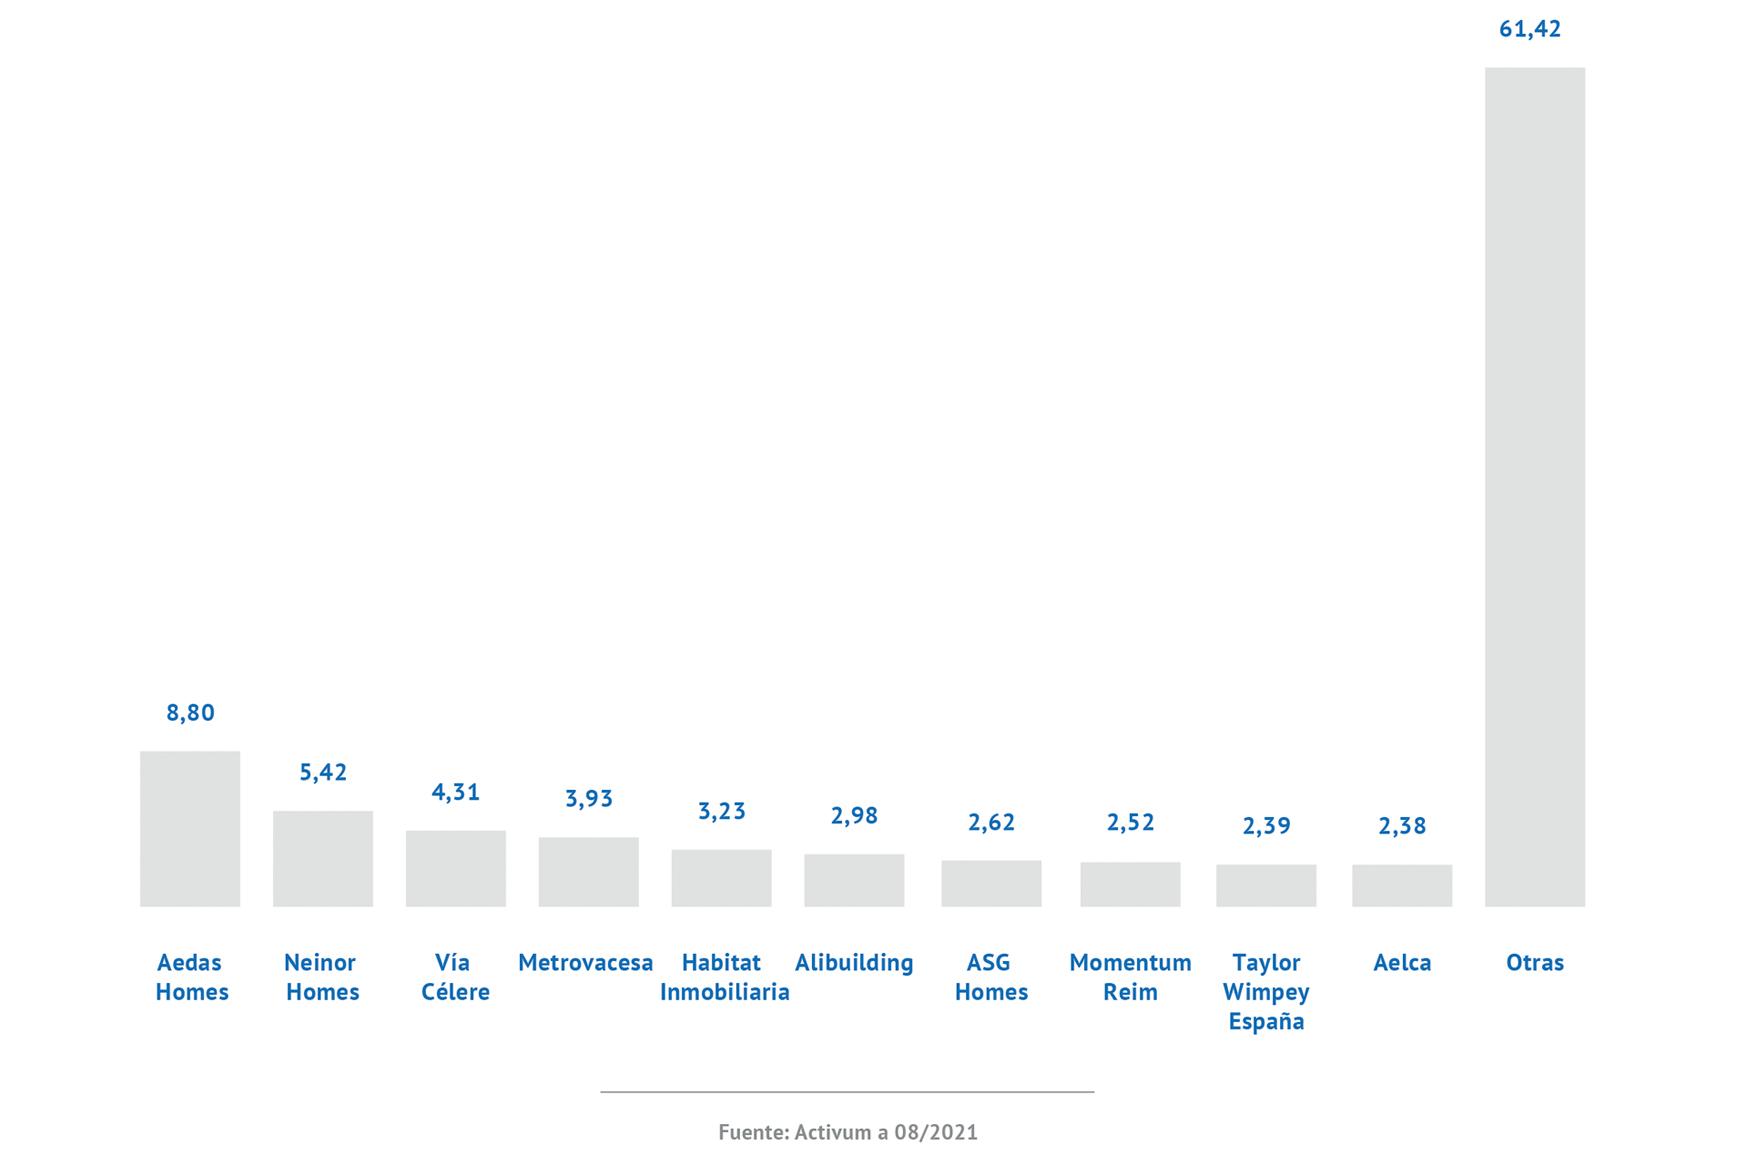 Principales promotoras de la Comunidad Valenciana por número de viviendas en desarrollo (cuota sobre el total)